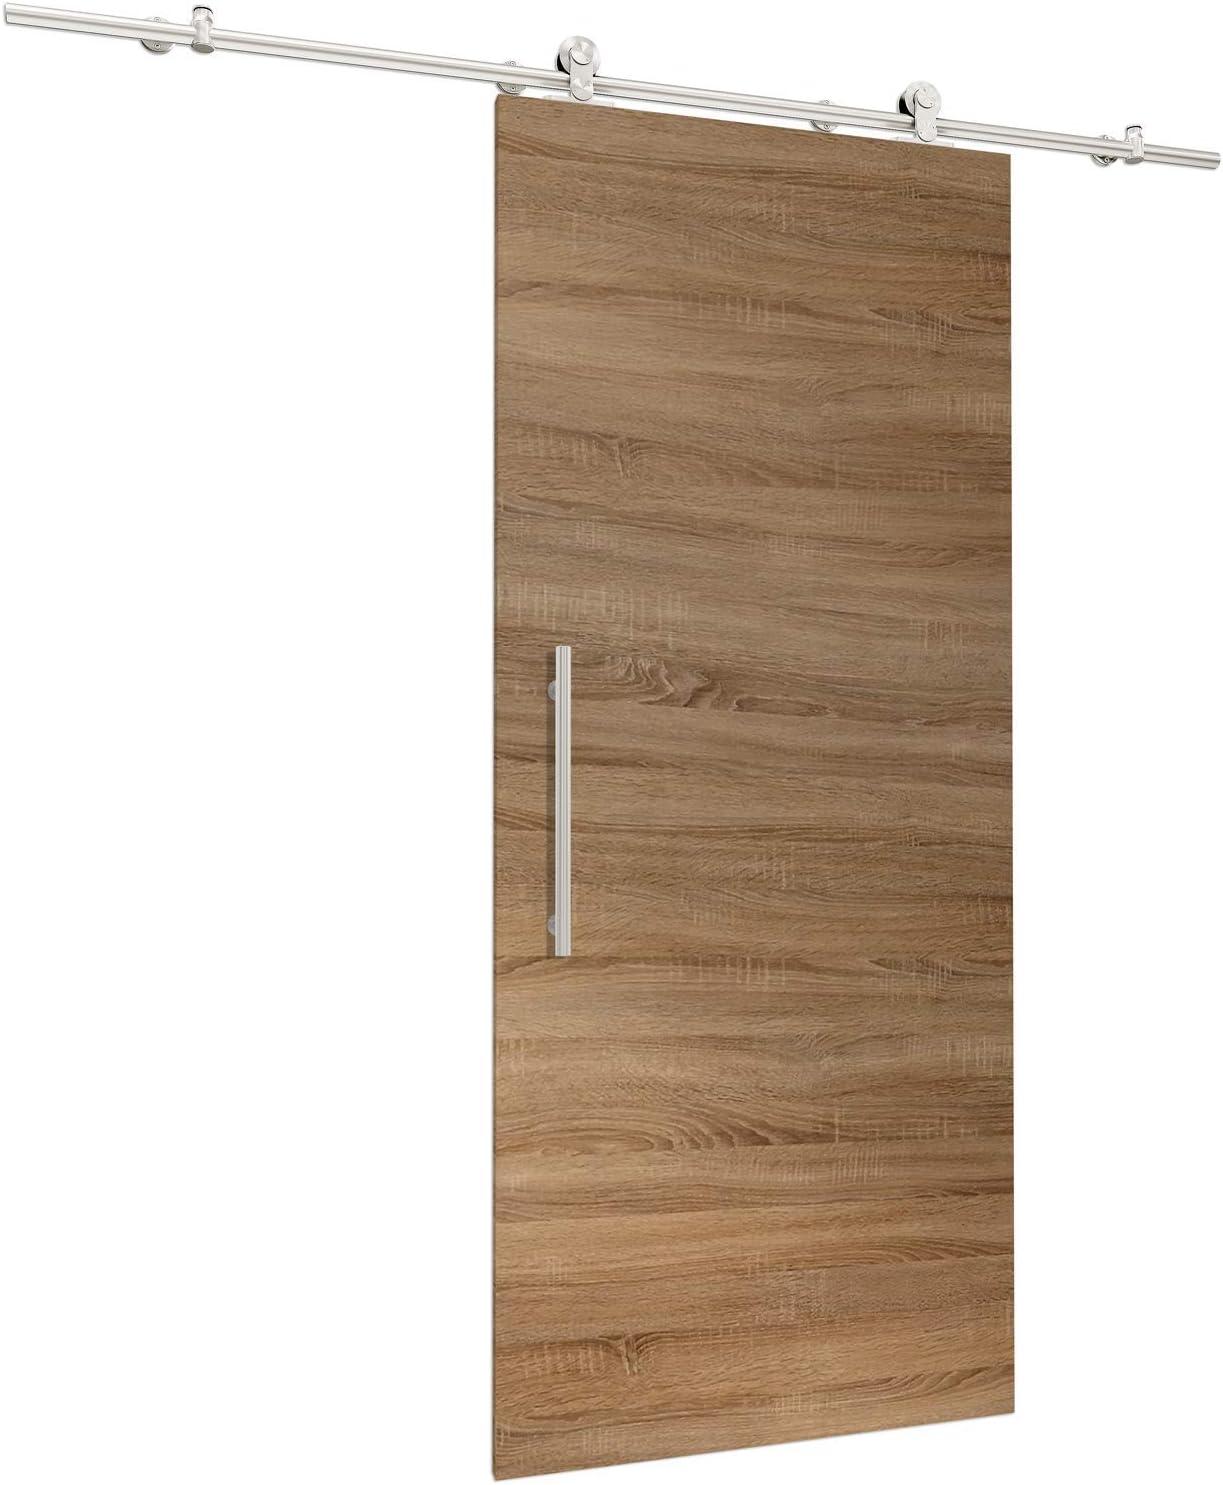 Juego completo de puerta corredera de madera de roble salvaje, con ...